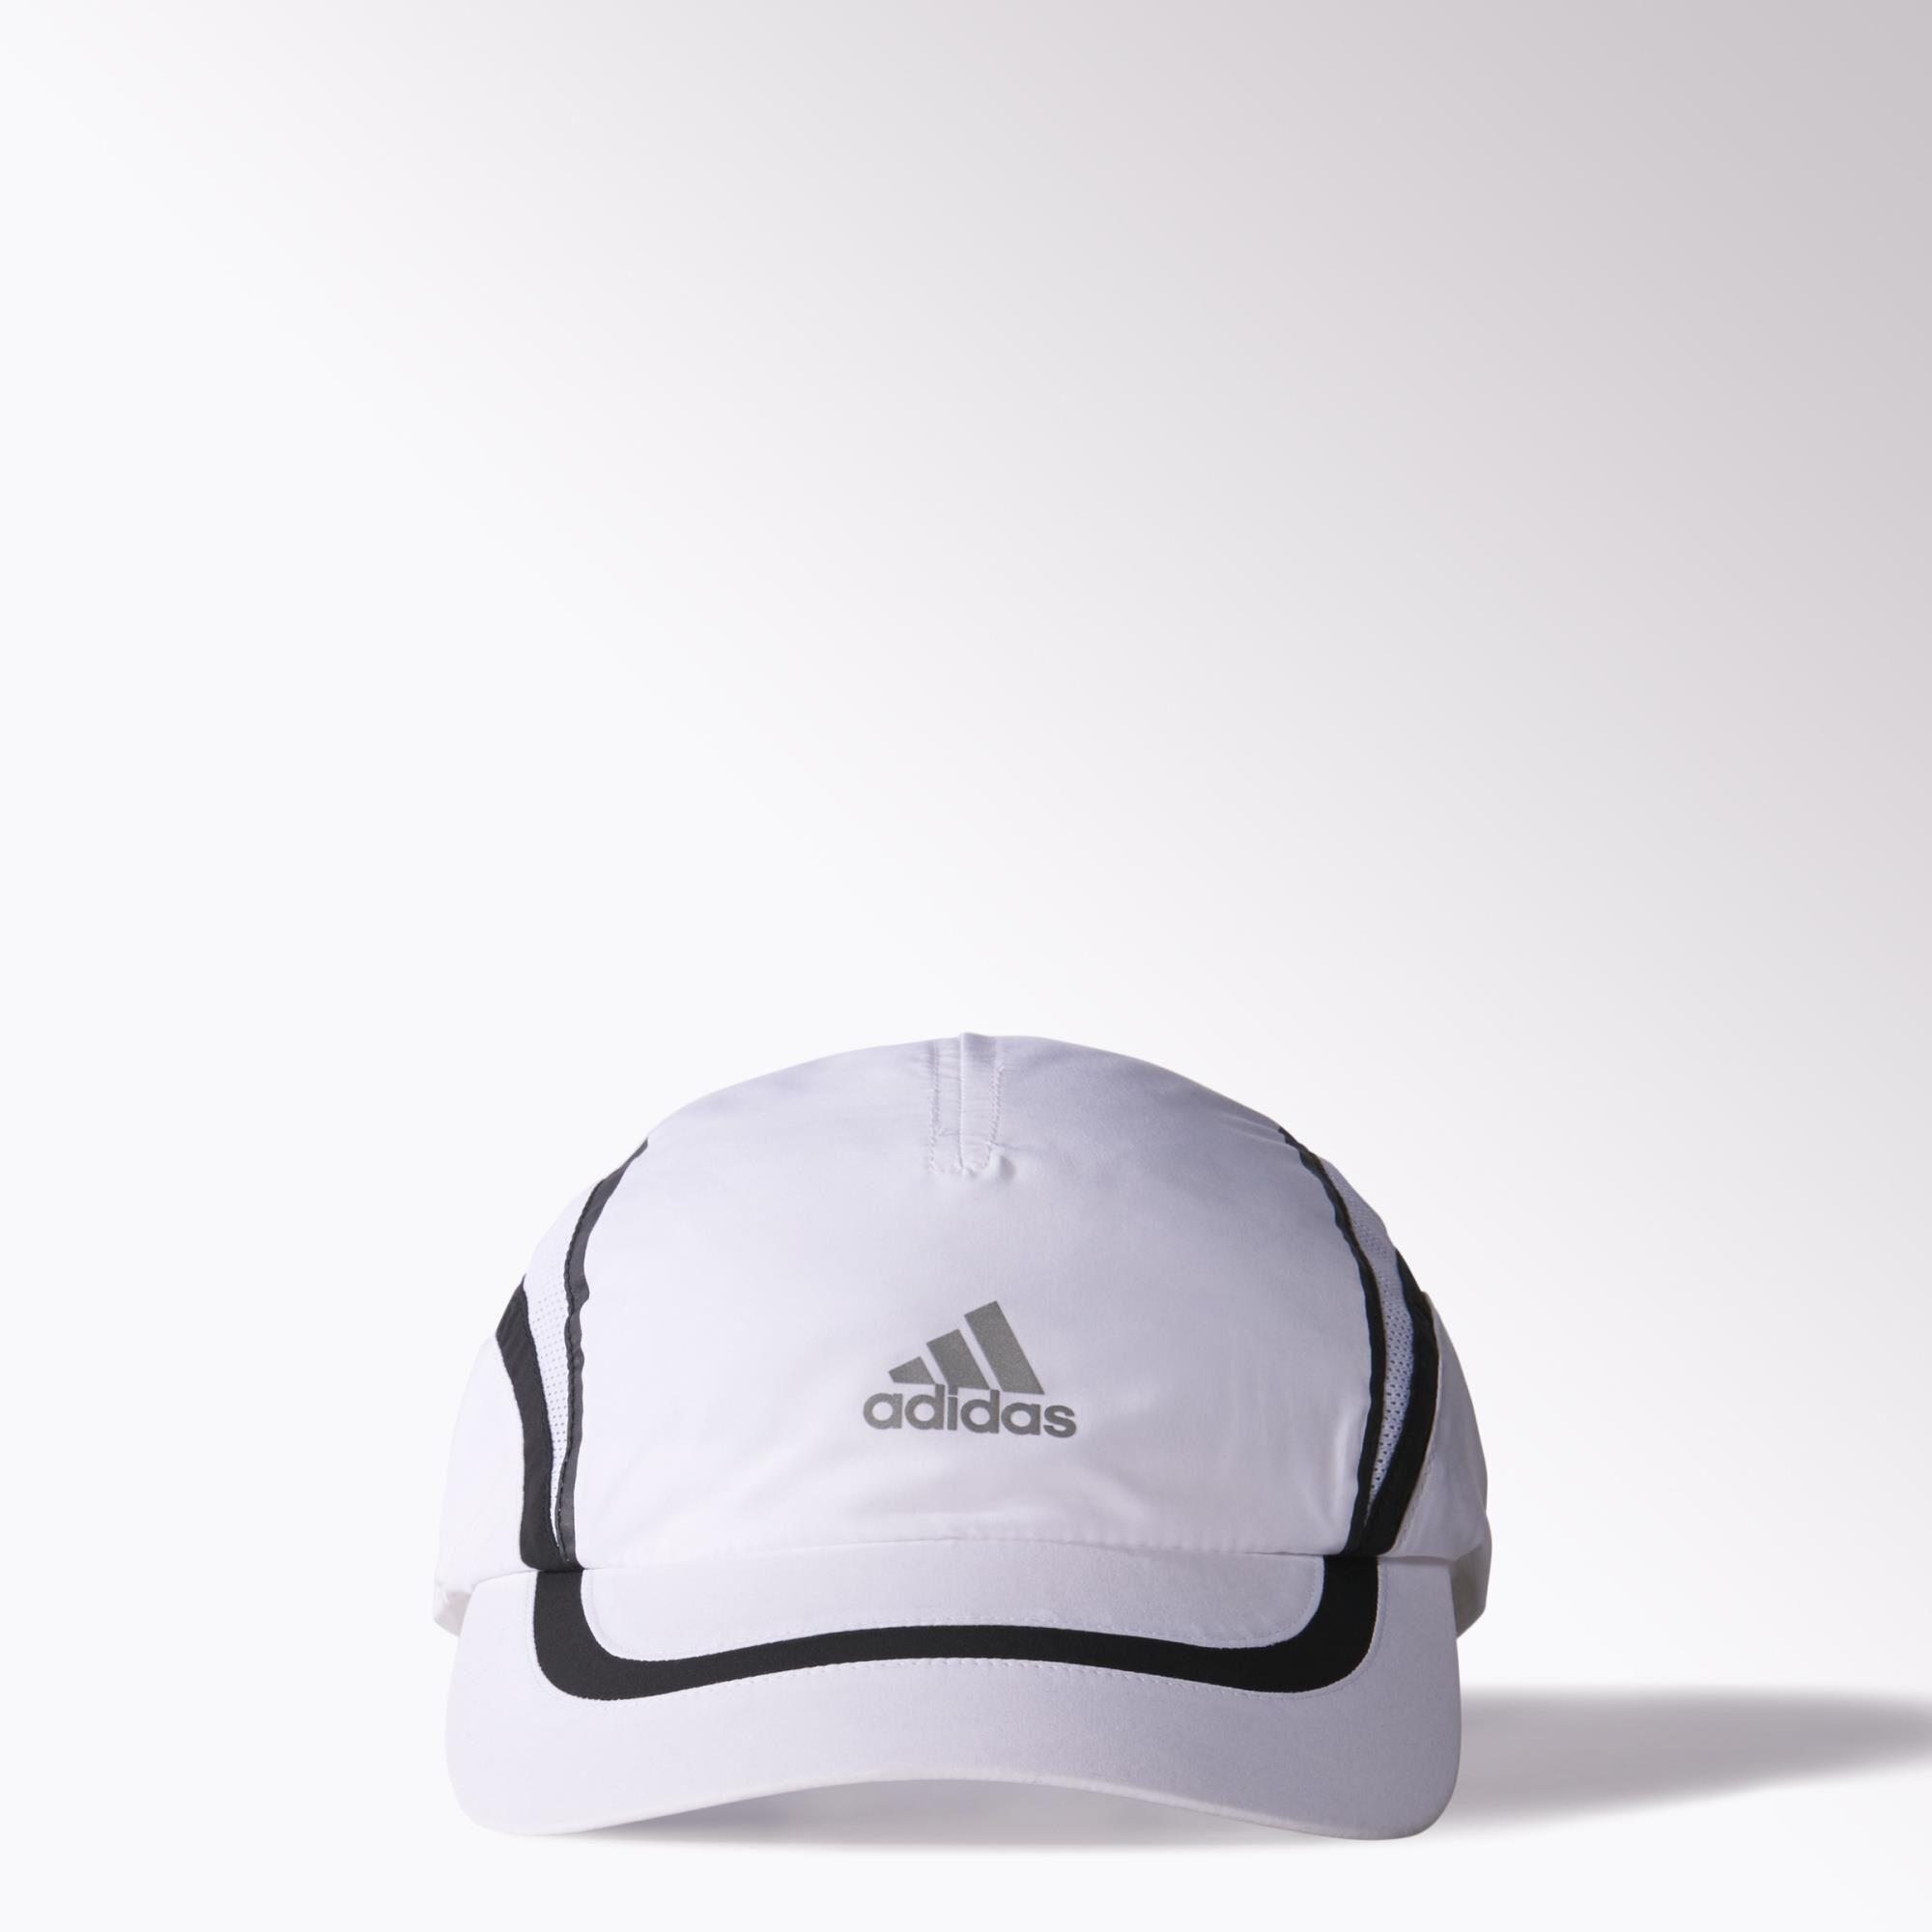 gorras adidas blancas 400a909f278